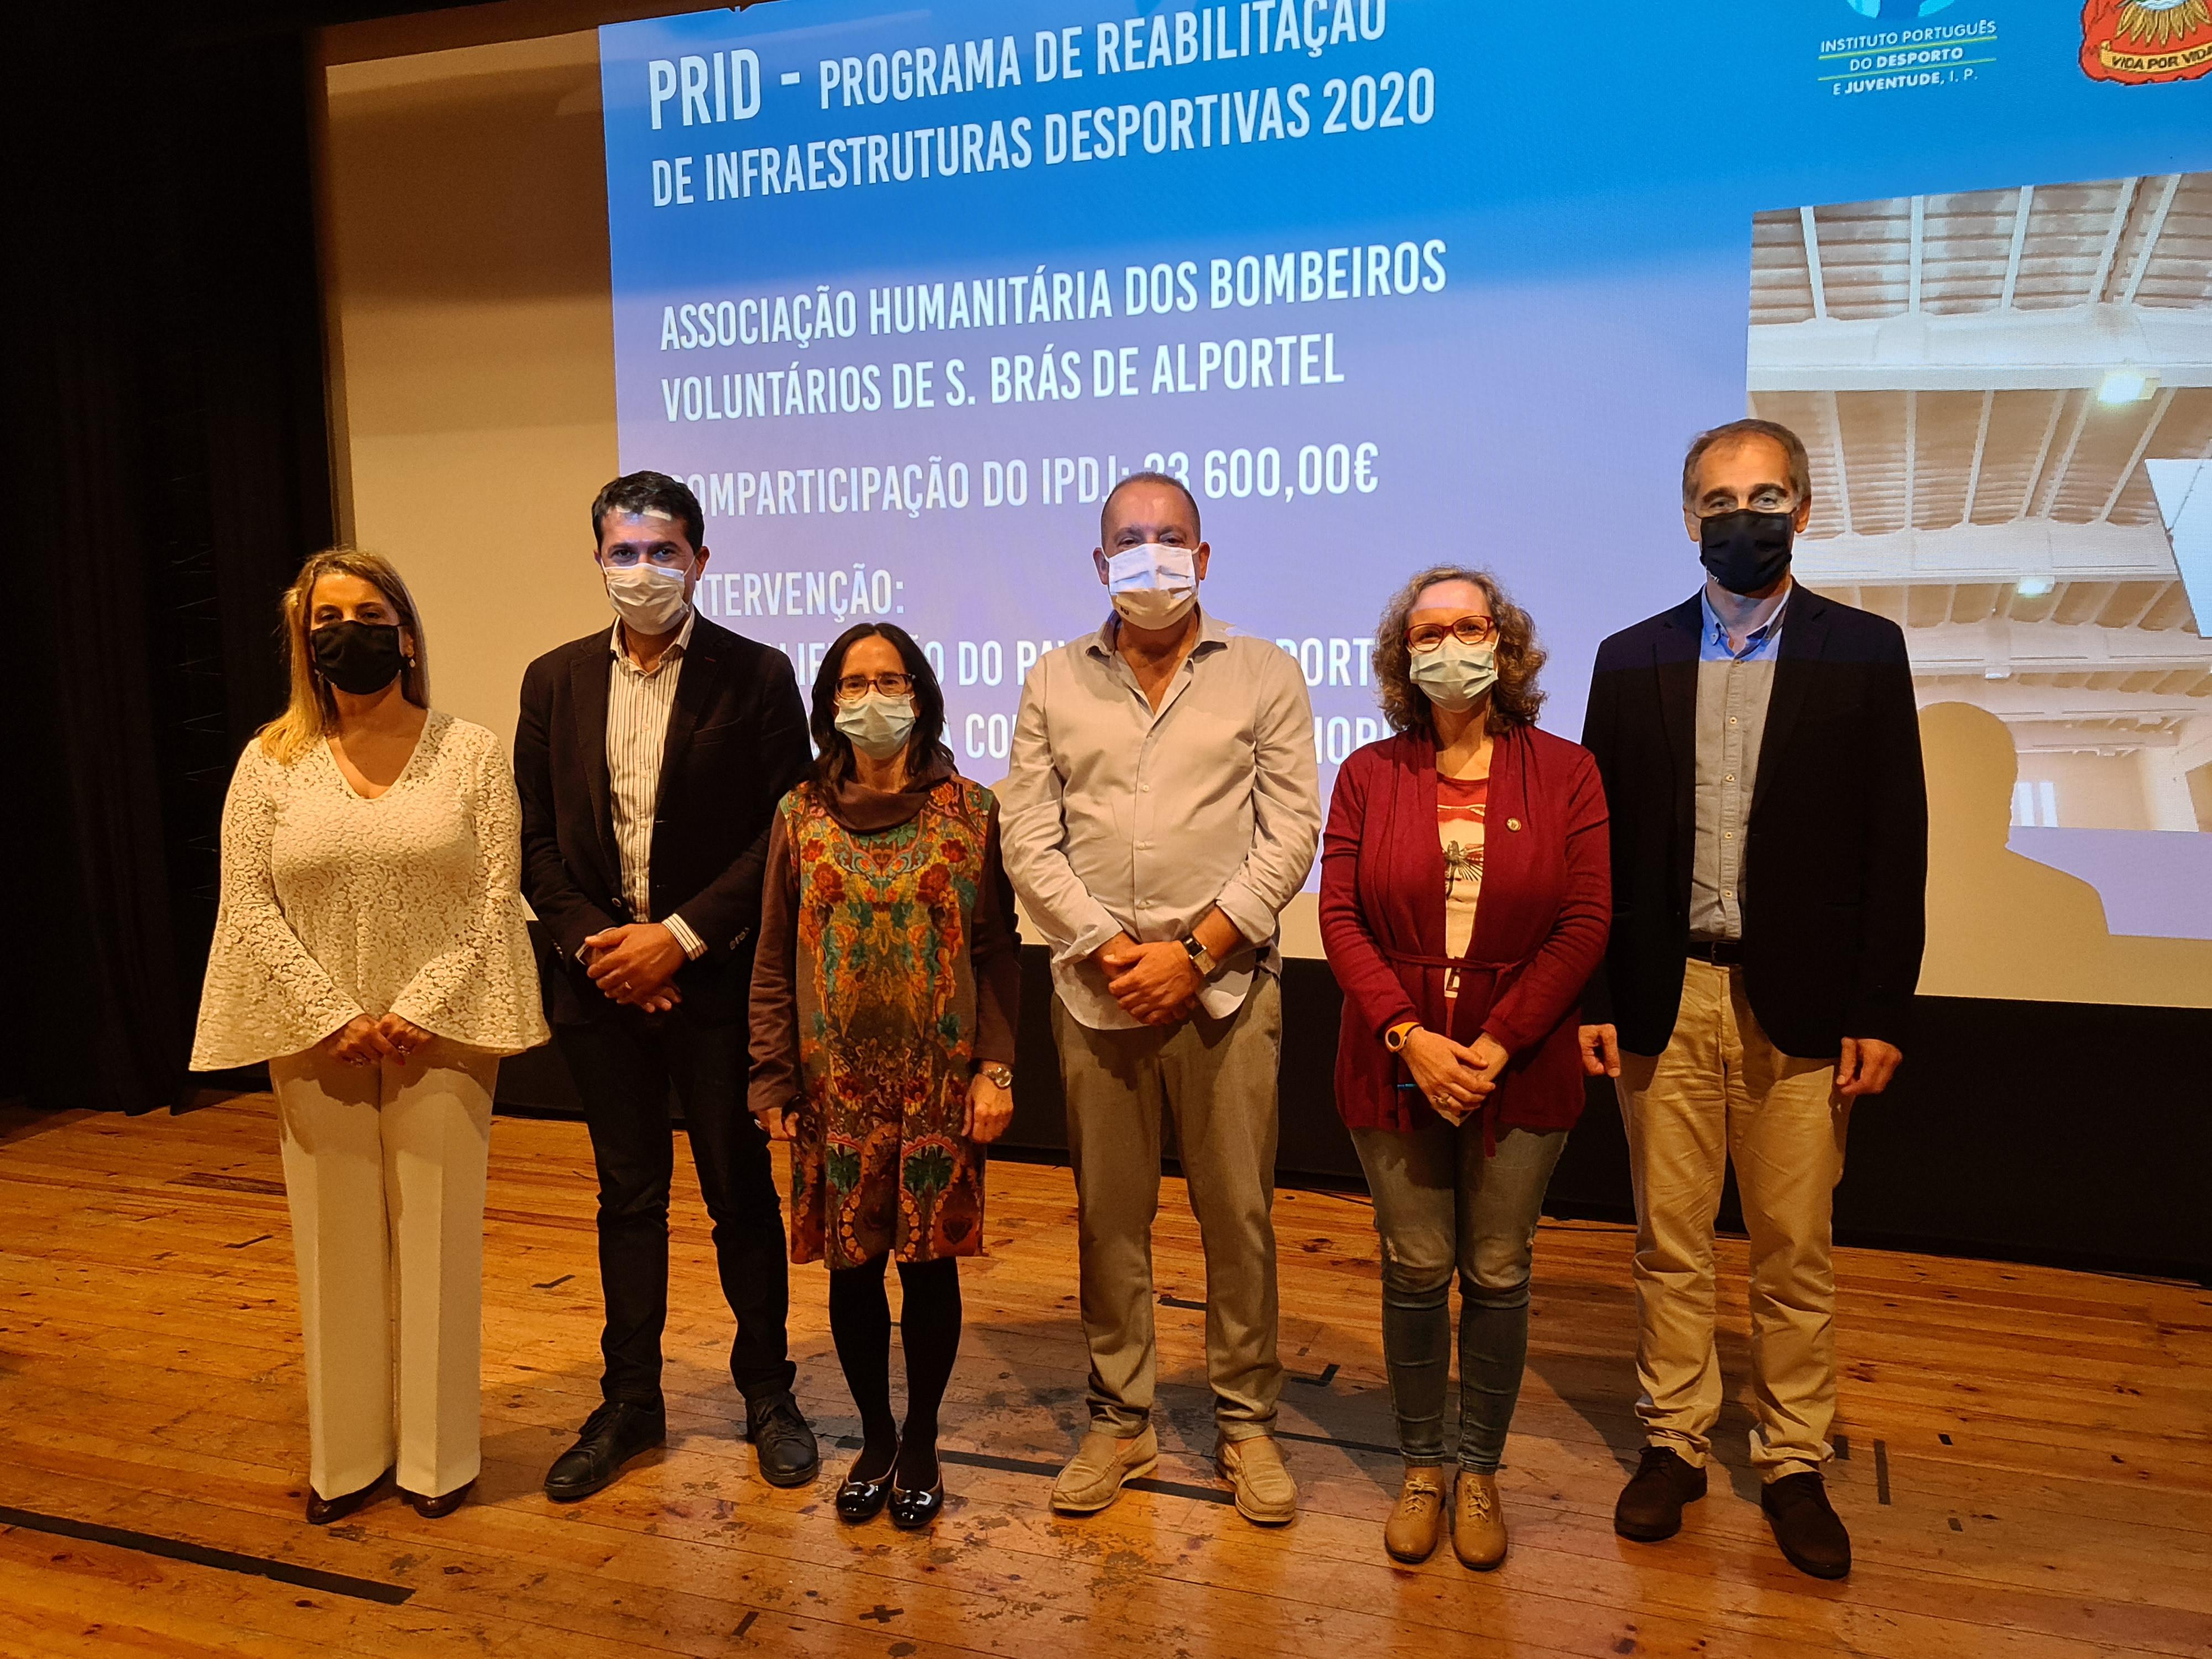 Assinatura dos contratos programa do PRID 2020 no Algarve